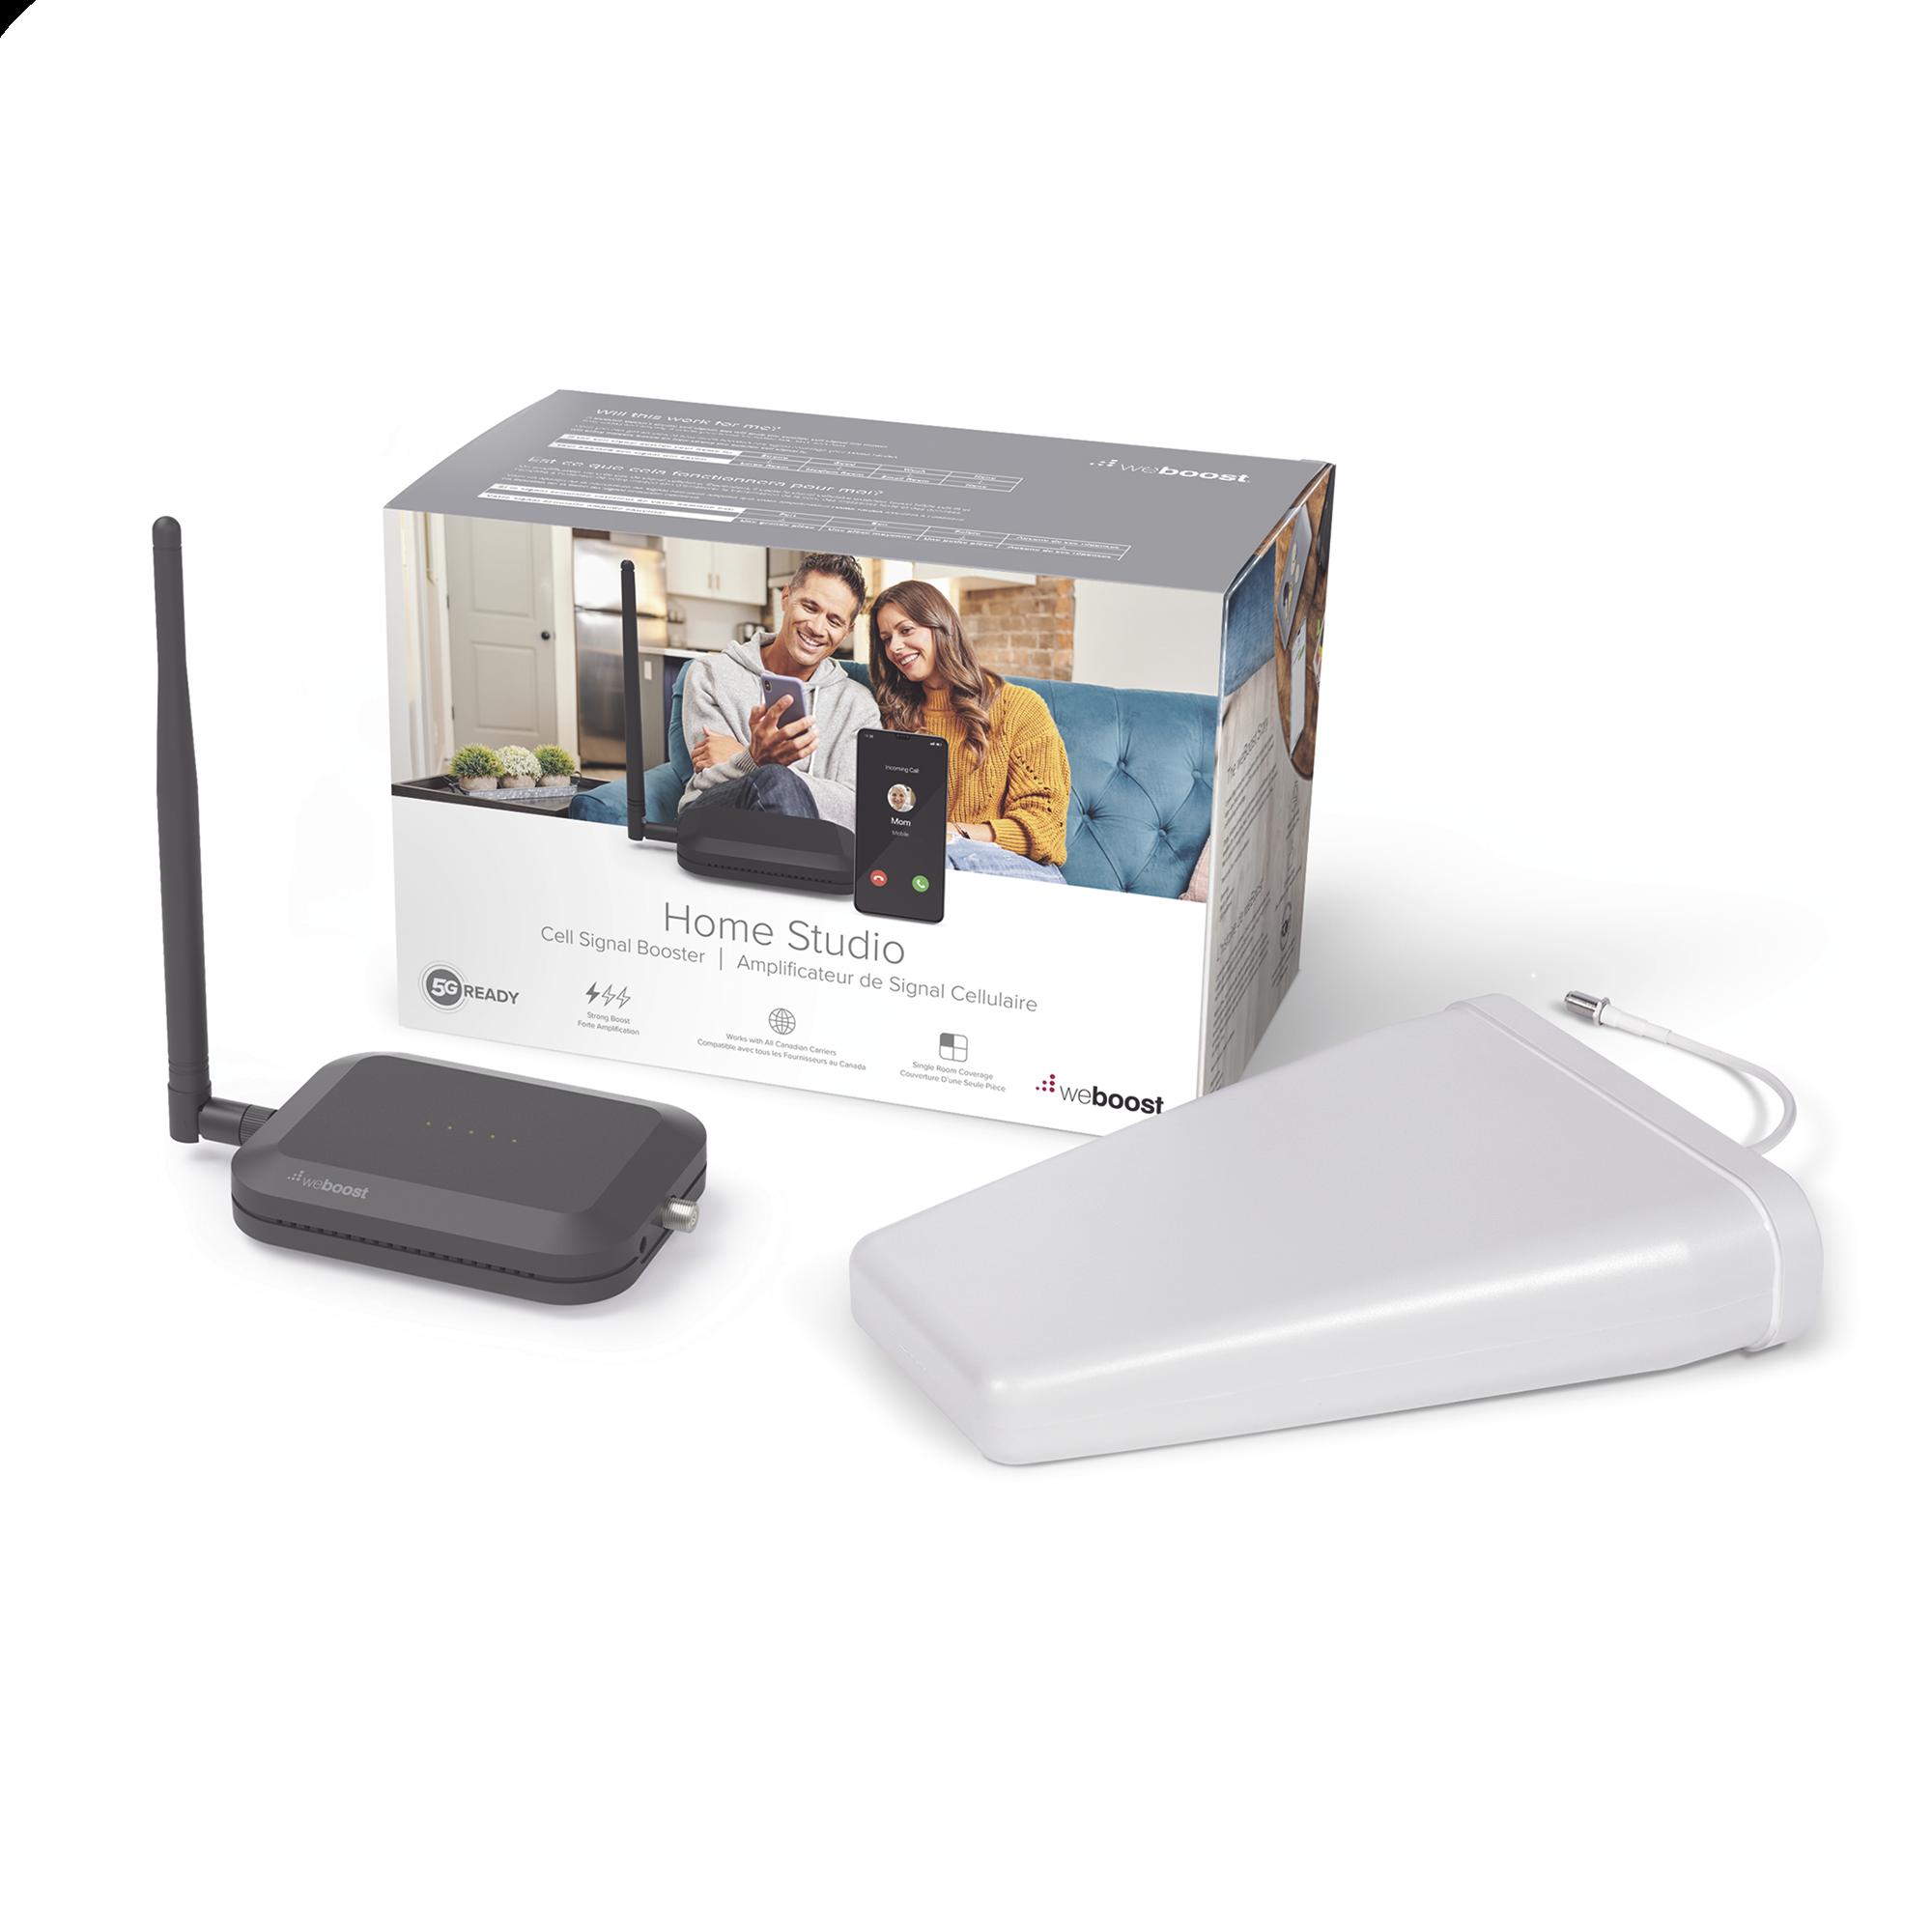 KIT de Amplificador de Señal Celular Home Studio, especial para Datos 4G LTE, 3G y Voz. Mejora la señal para cubrir una habitacion.